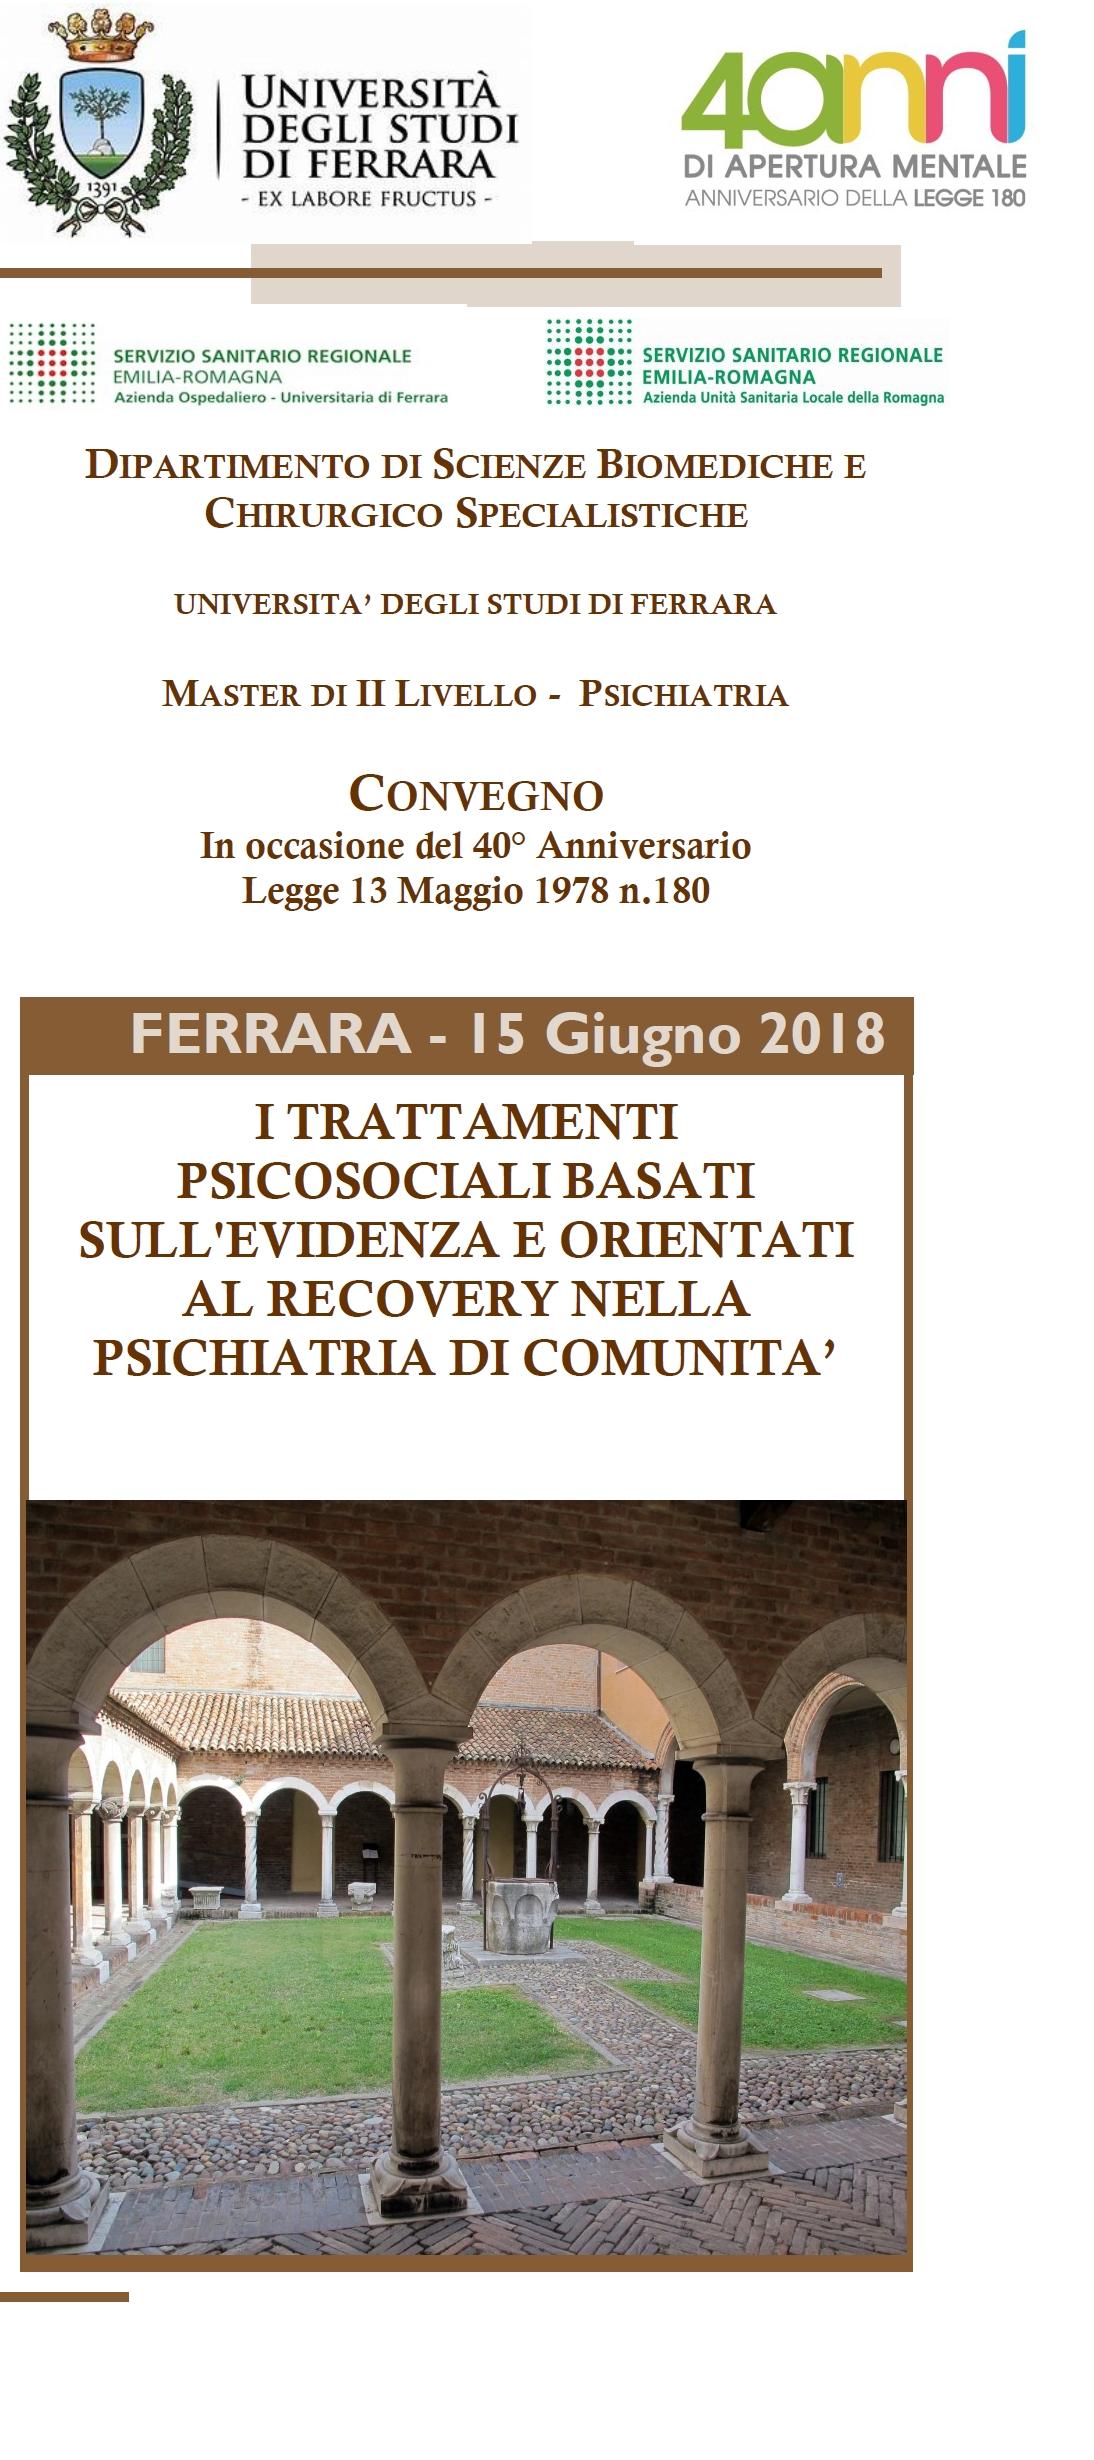 """Congresso: """"I TRATTAMENTI PSICOSOCIALI BASATI SULL'EVIDENZA E ORIENTATI AL RECOVERY NELLA PSICHIATRIA DI COMUNITA'"""" – Ferrara, 15 giugno 2018"""